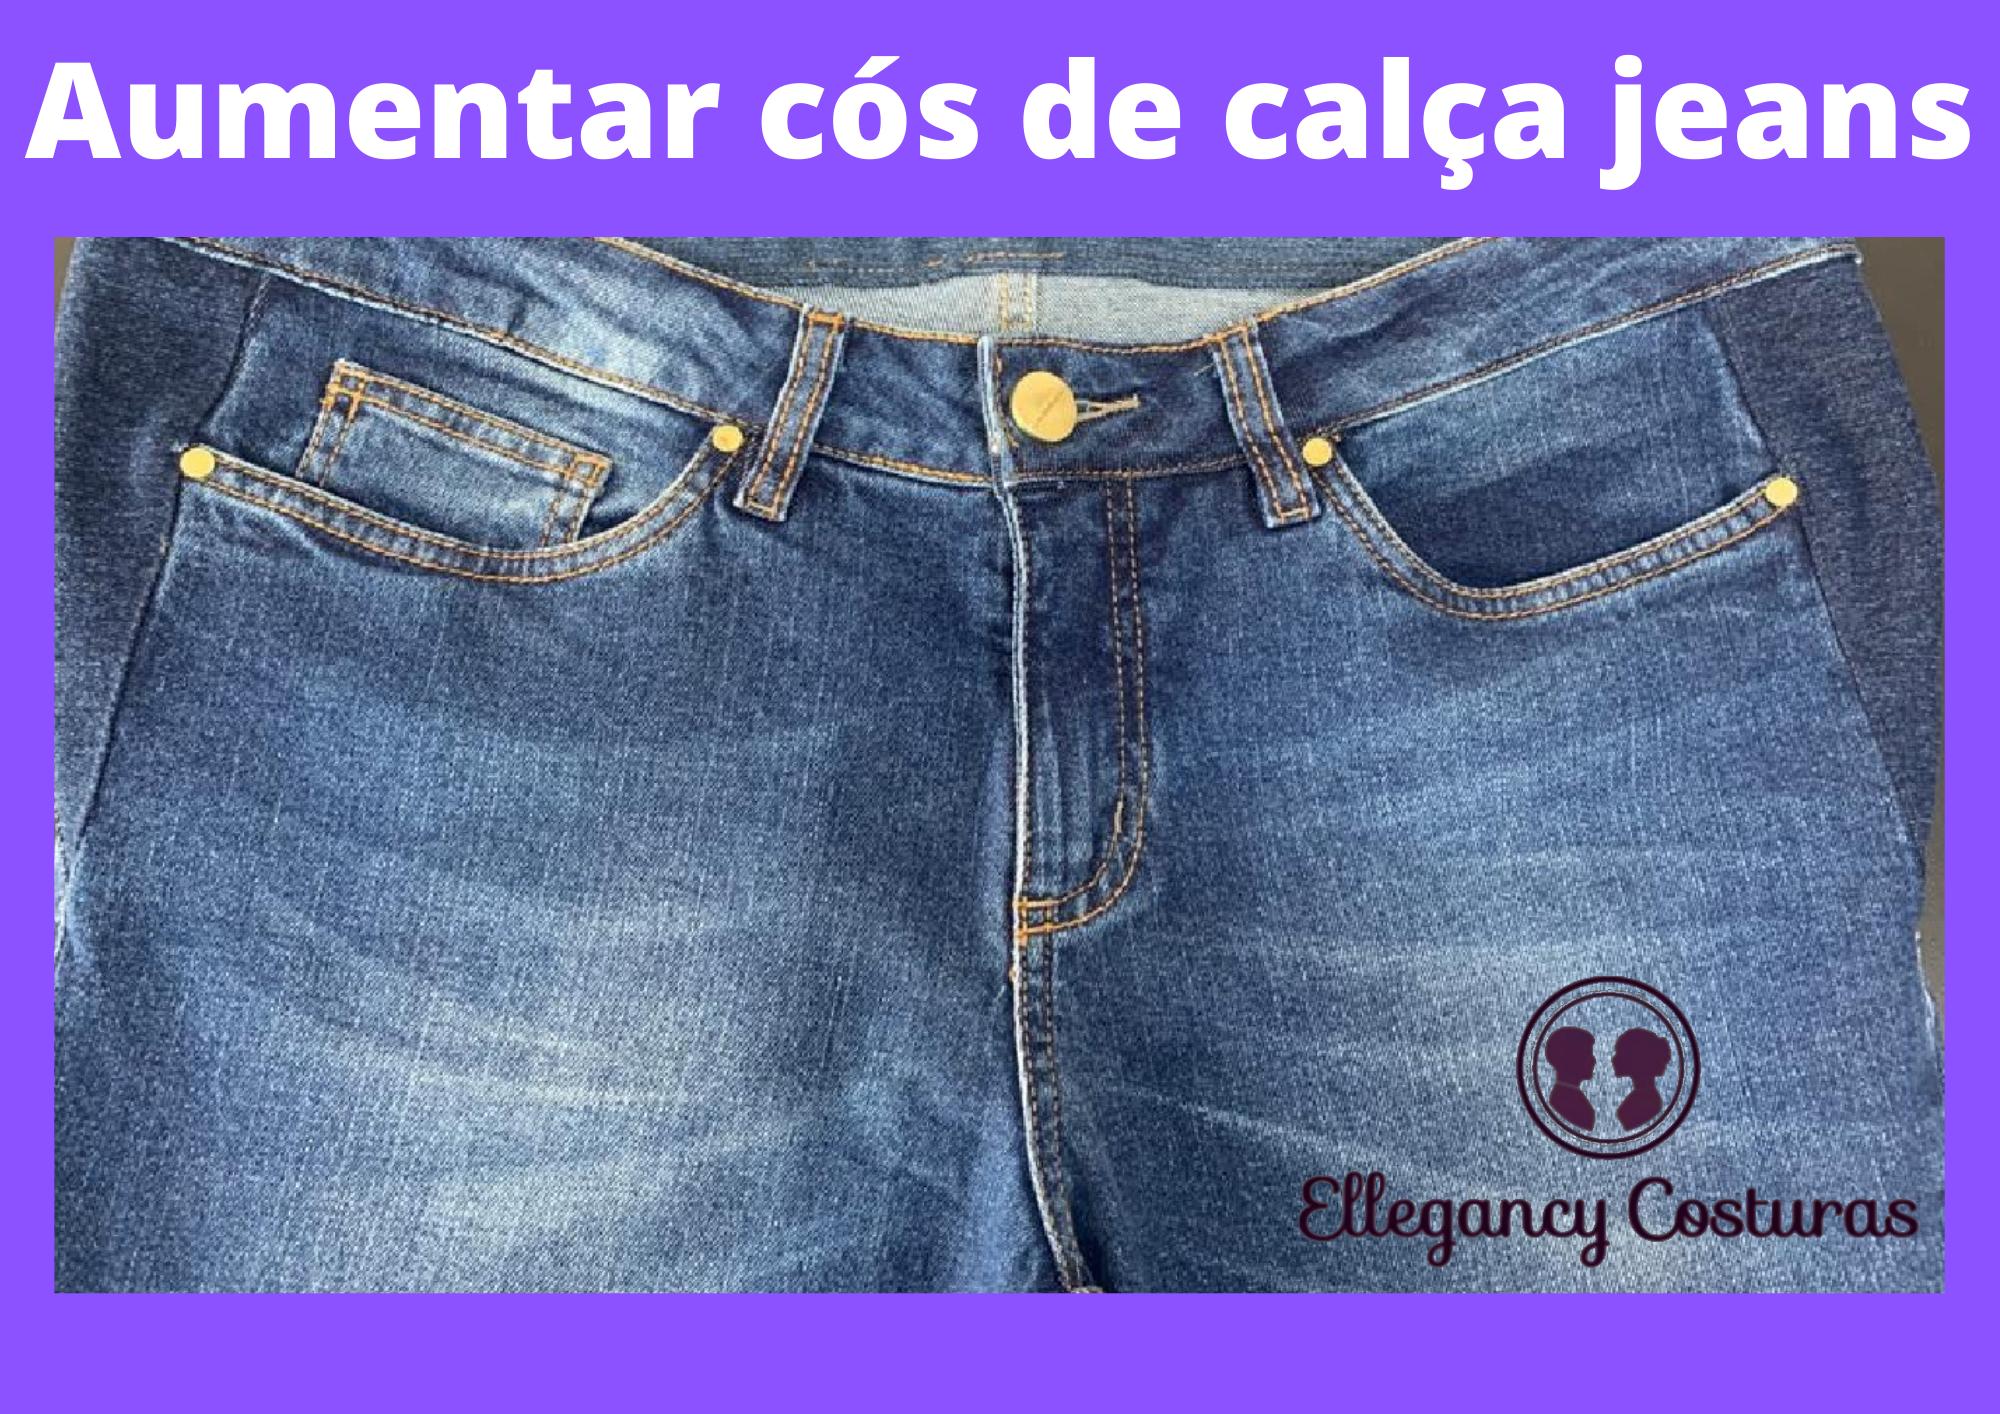 Aumentar cos de calca jeans em Sao Paulo